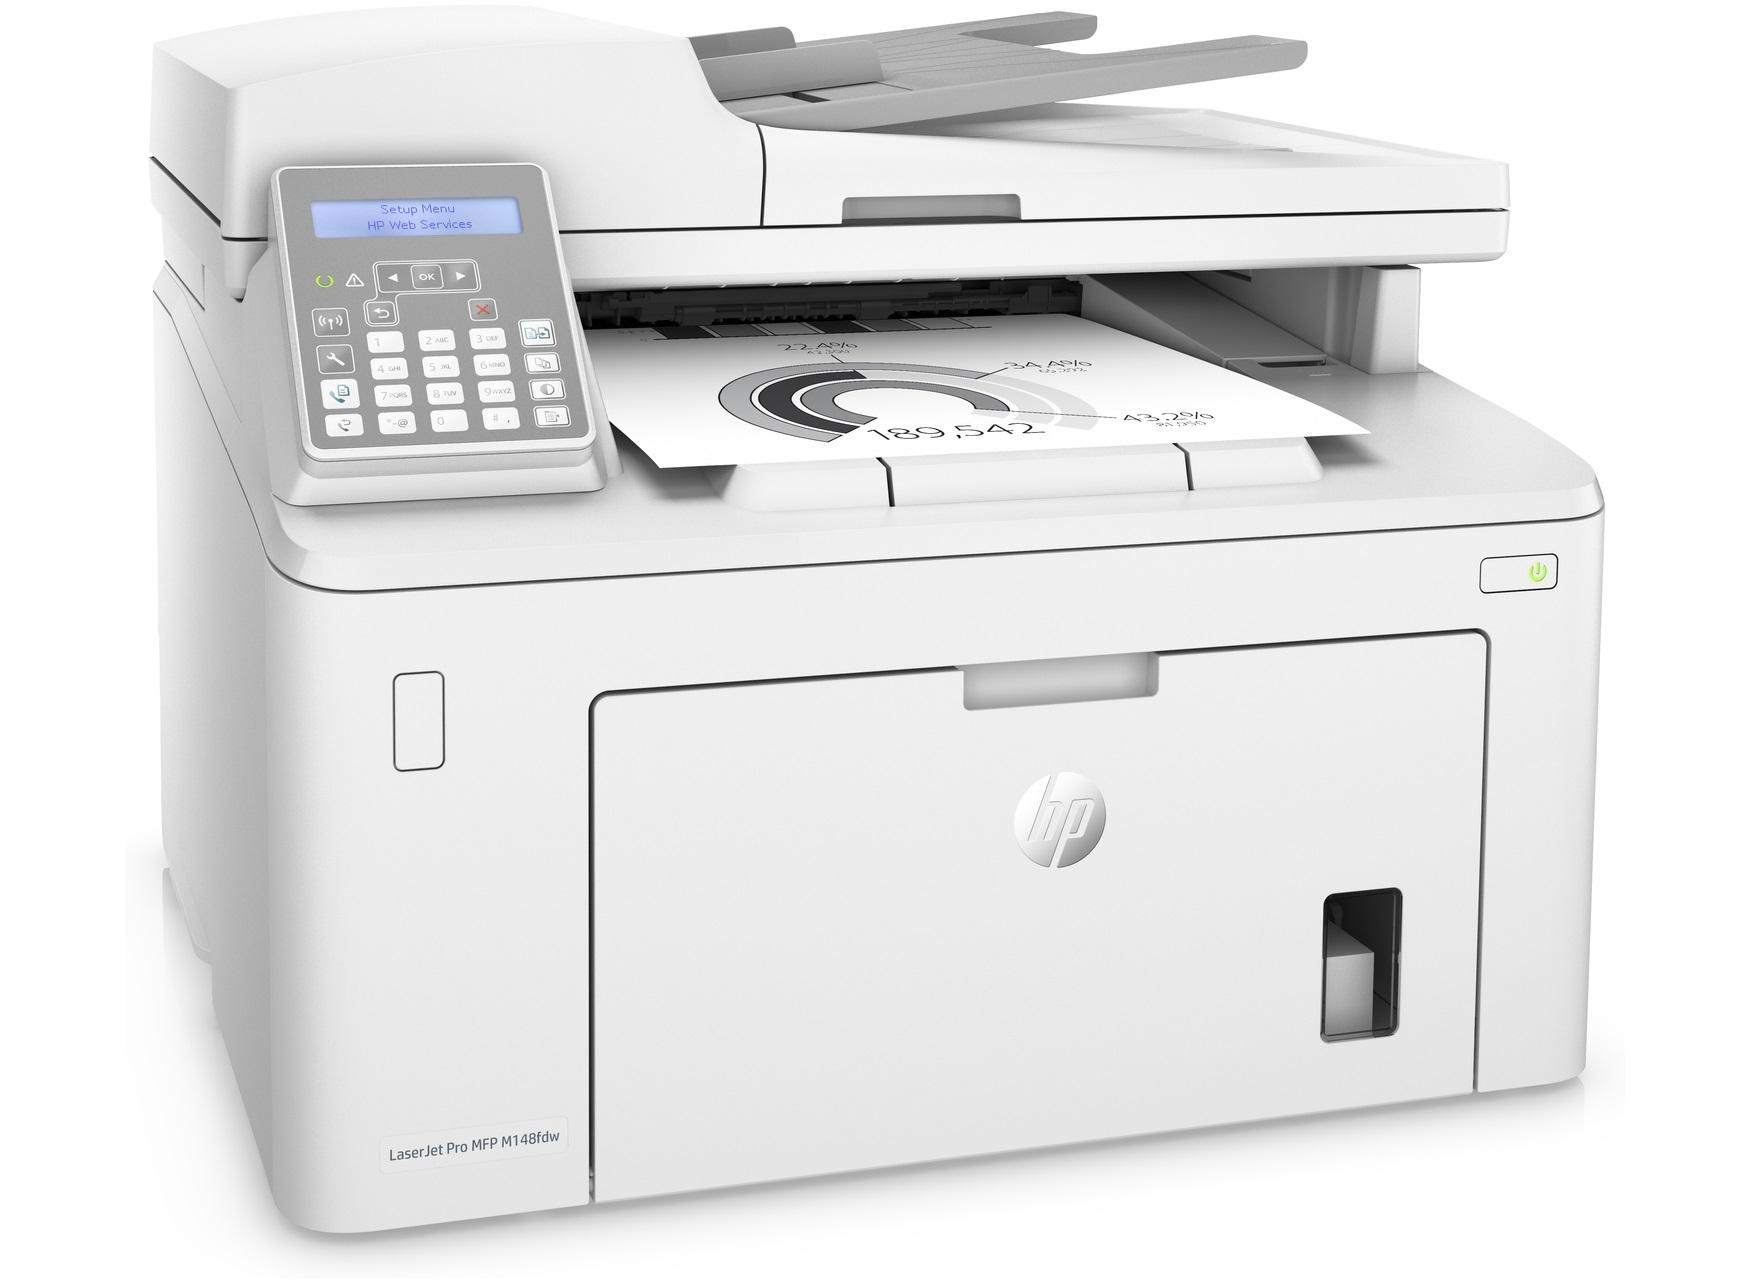 Impresora HP LaserJet Pro M148fdw Multifunción.